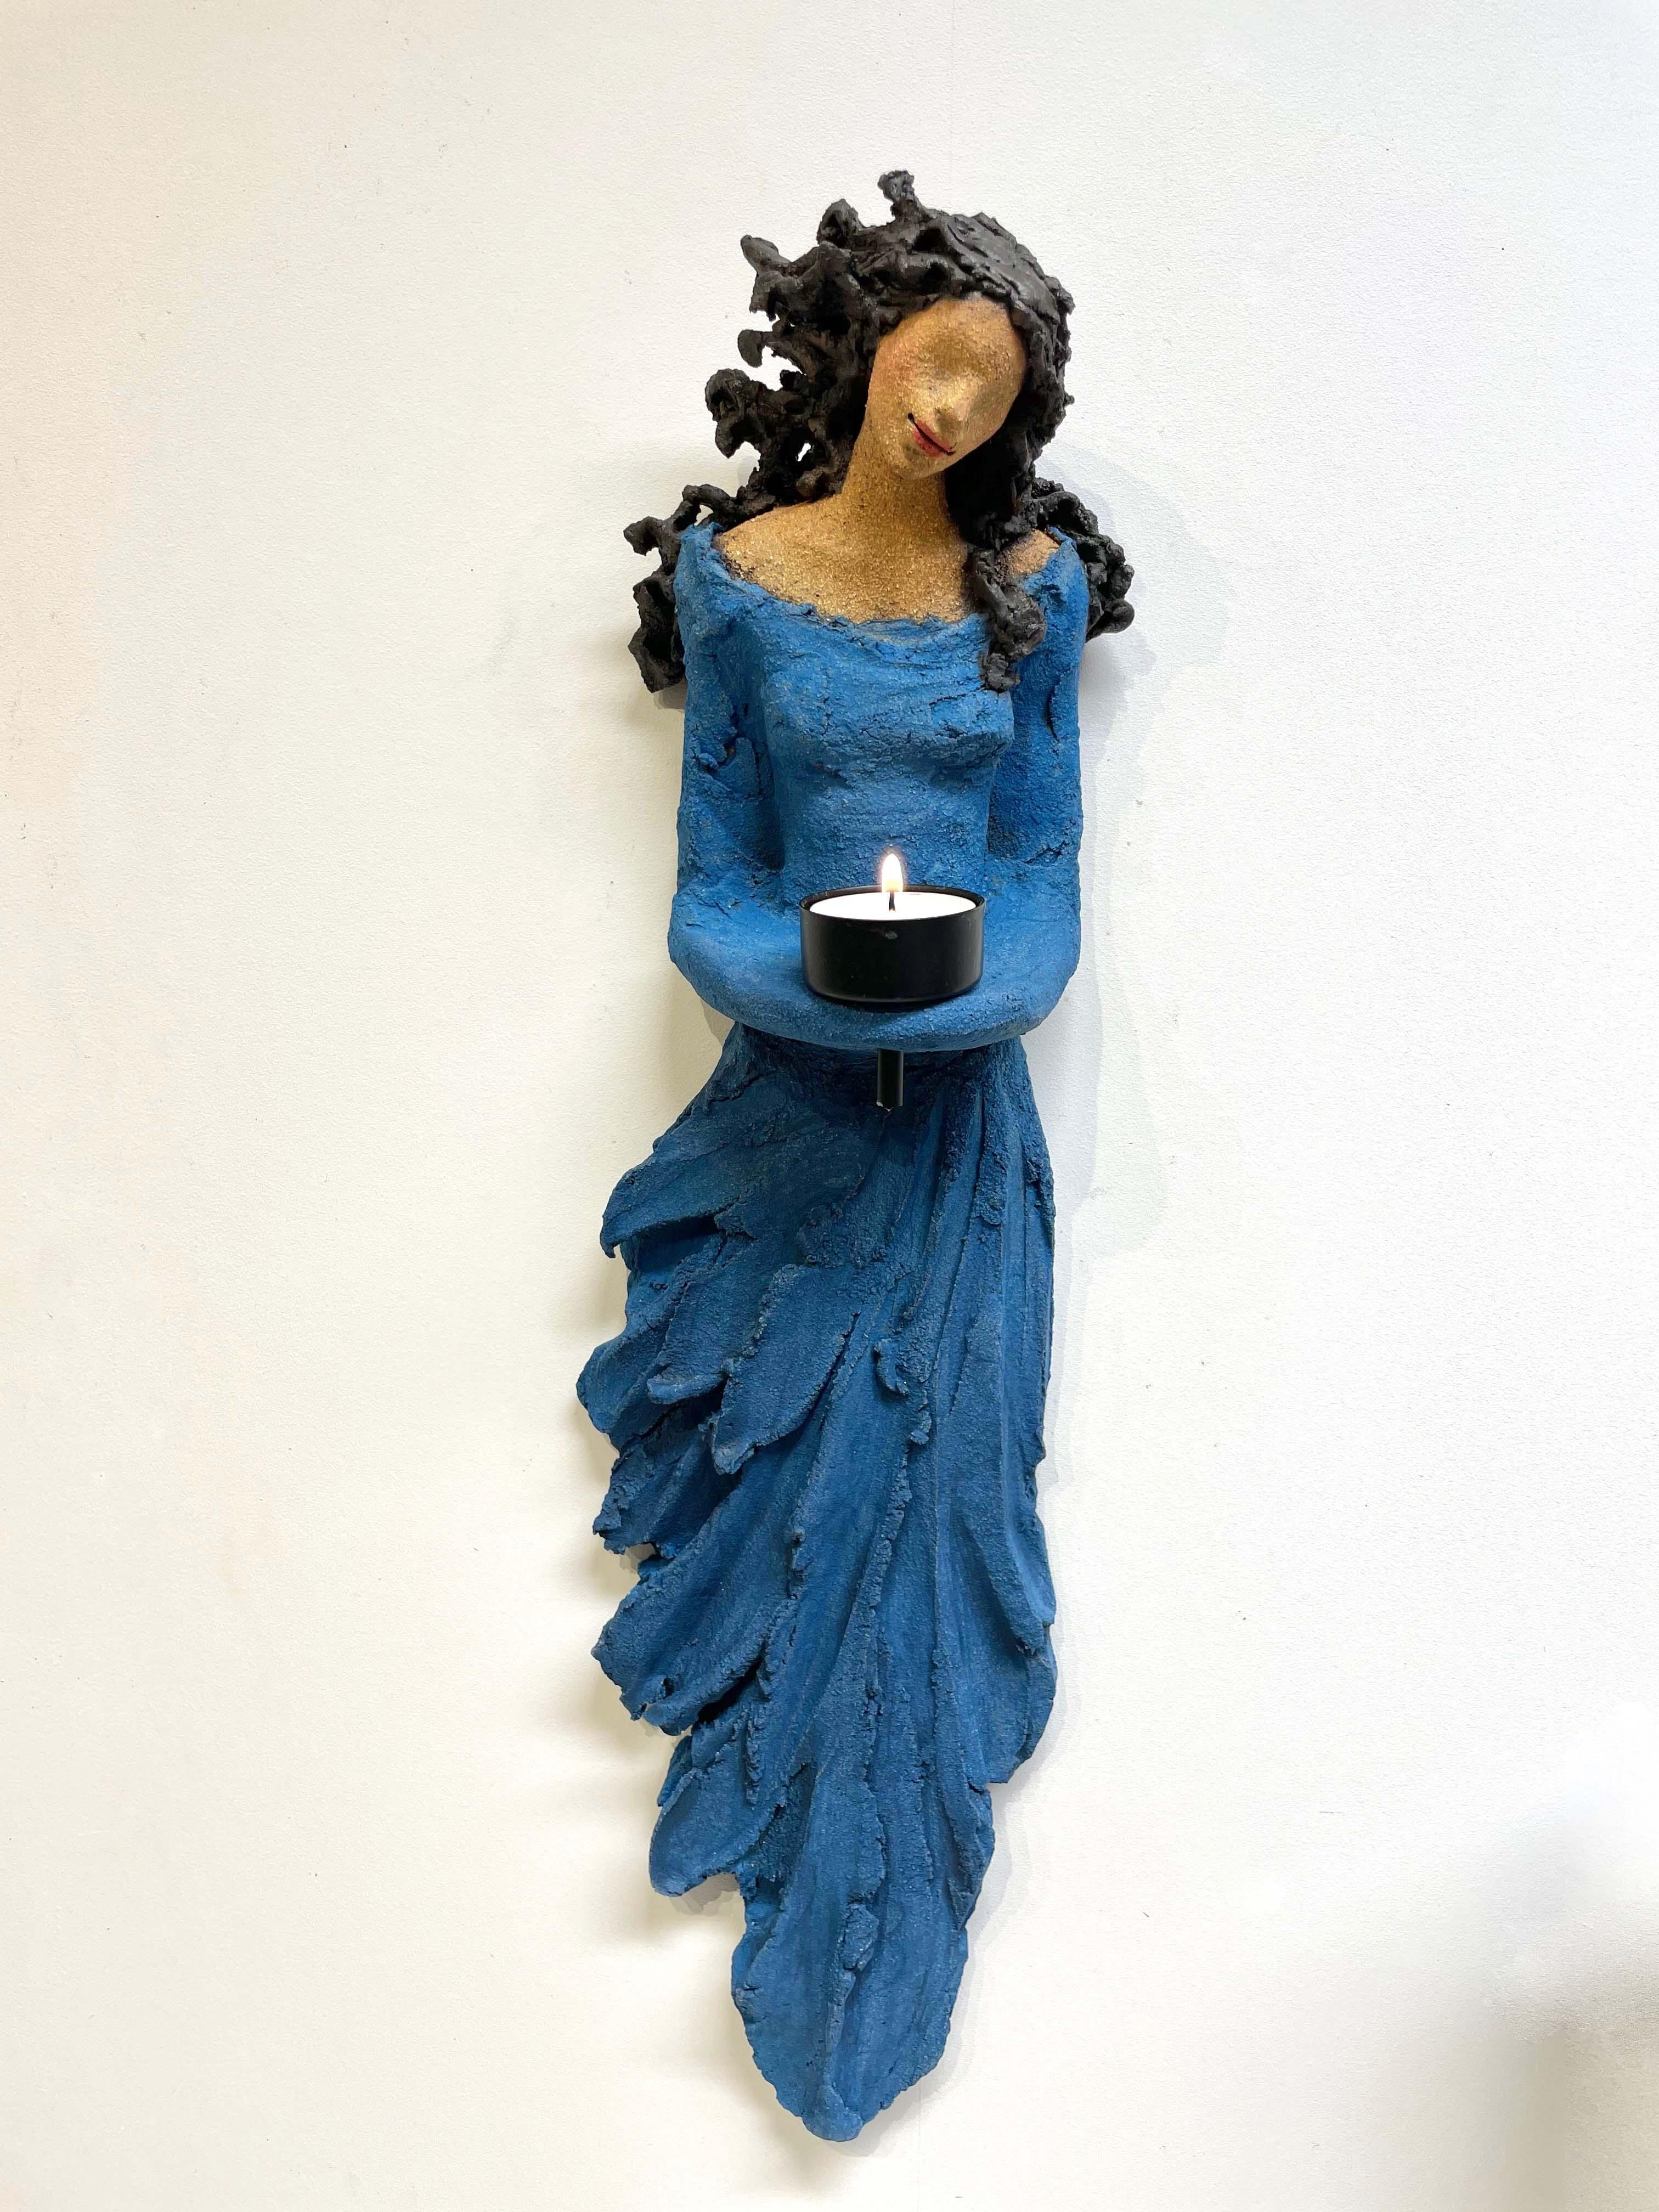 lysbærer, veggdame, Ingun Dahlin, keramikk